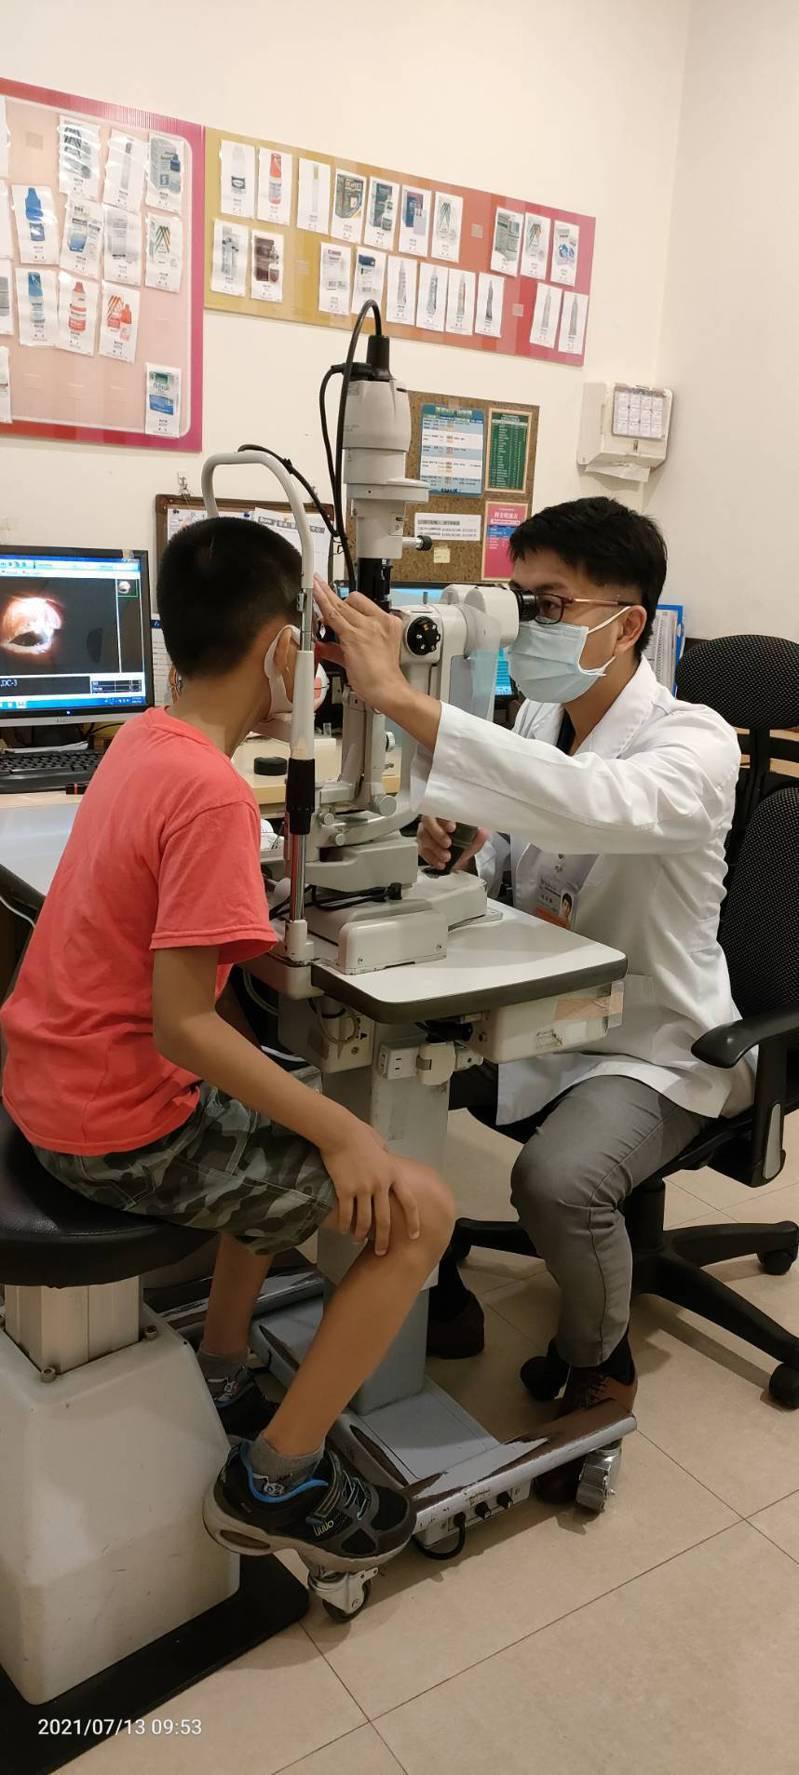 疫情爆發,讓孩童視力恐更陷危機,醫師提醒疫後快檢查。圖 /新營醫院提供